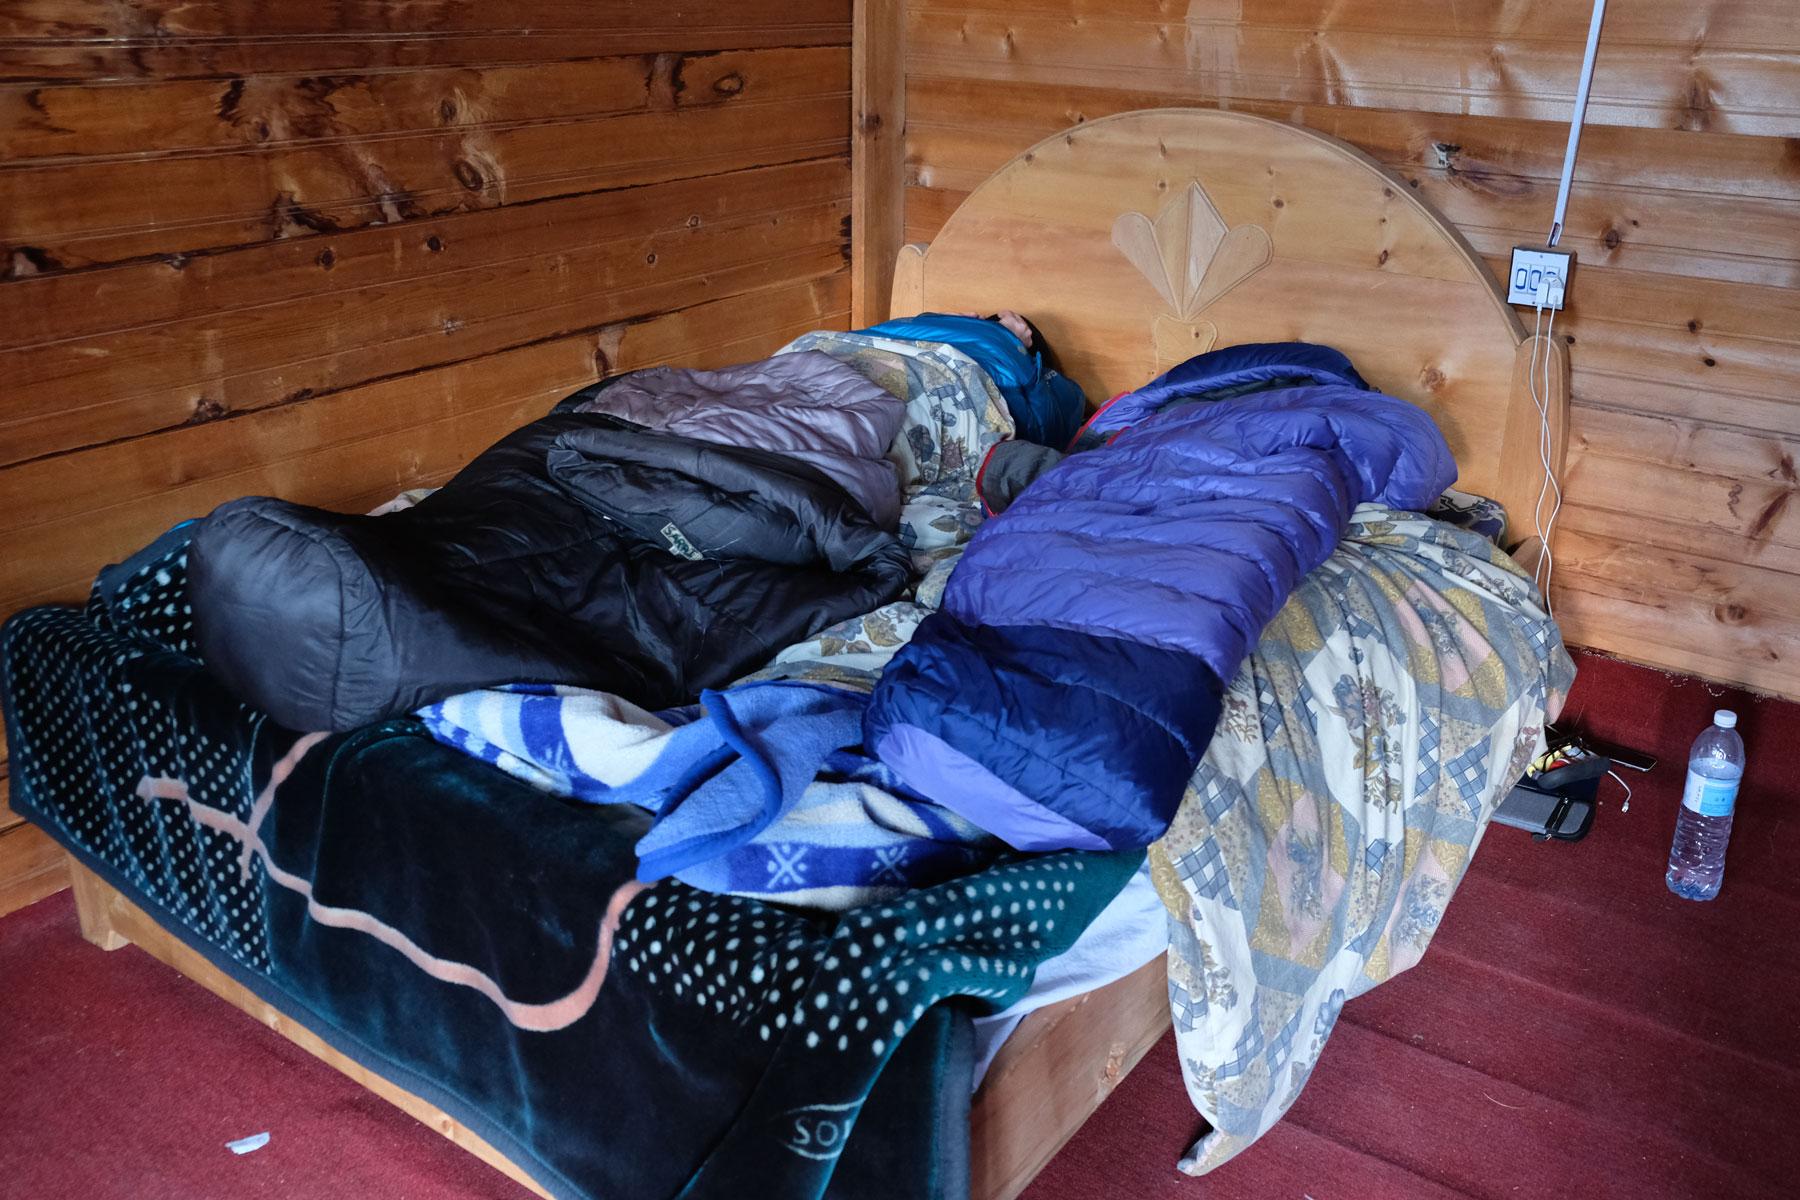 Ein Bett, auf dem zwei Winterschlafsäcke liegen.